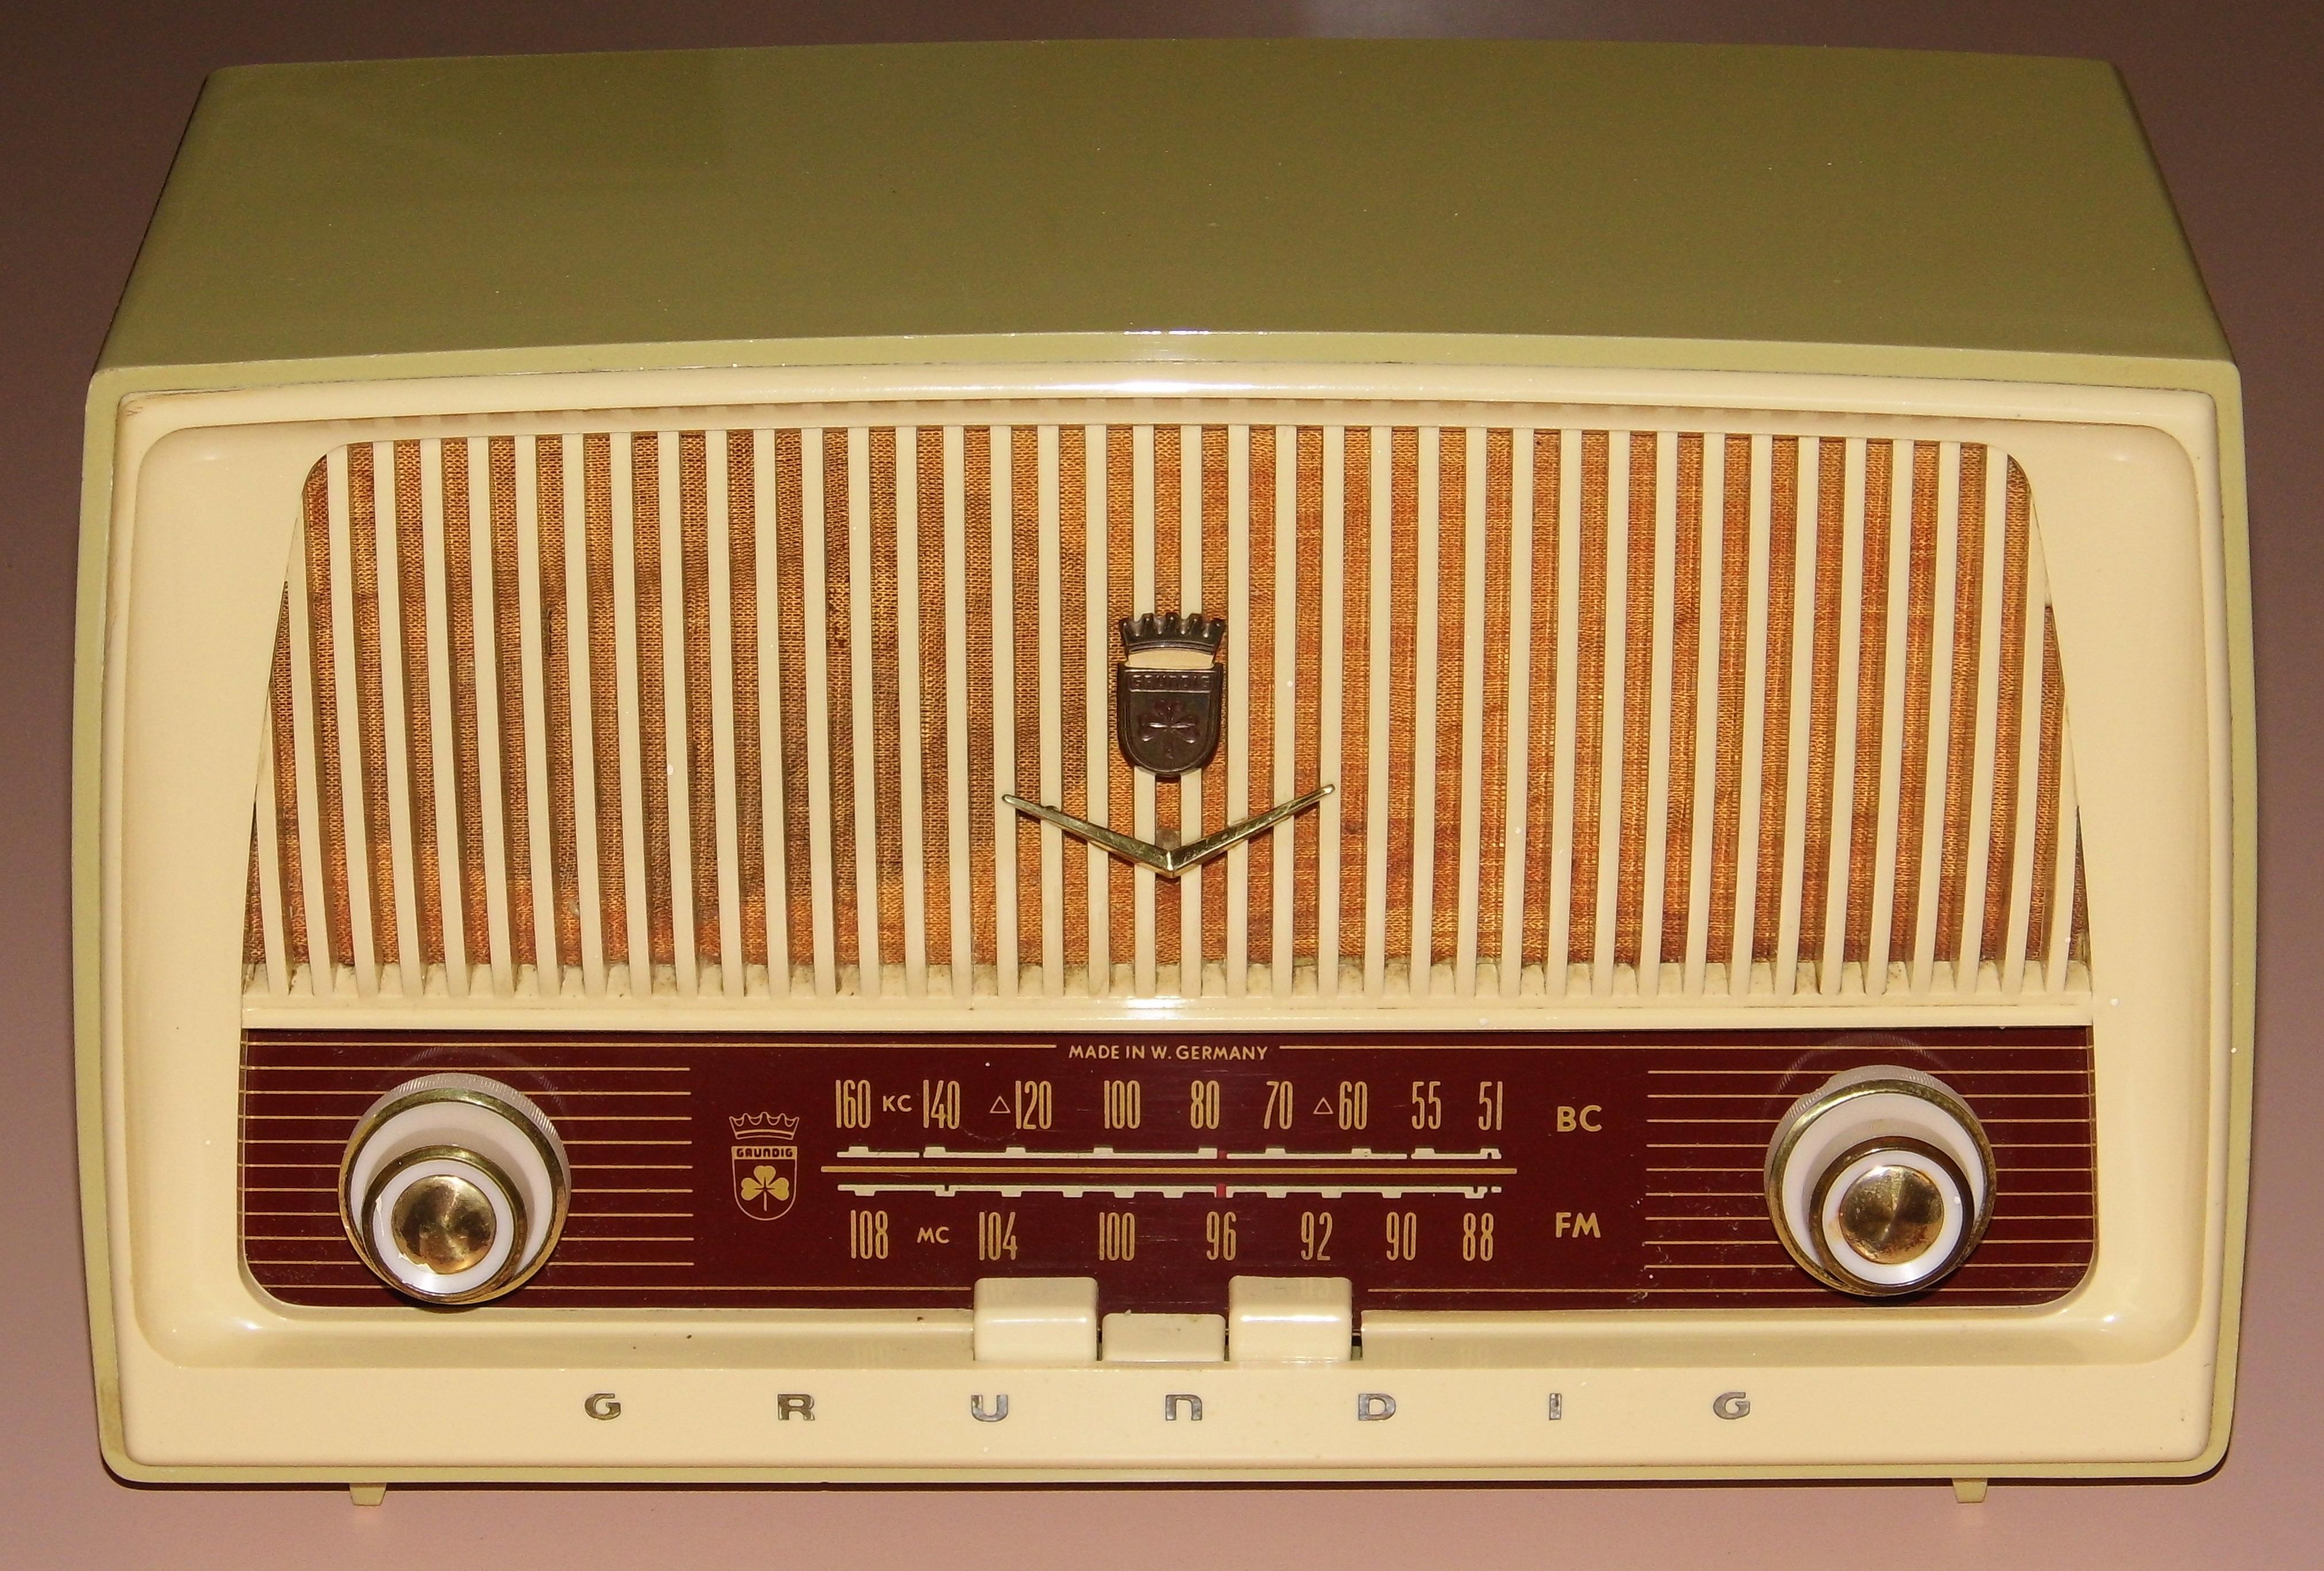 Grundig Vintage Radio 46